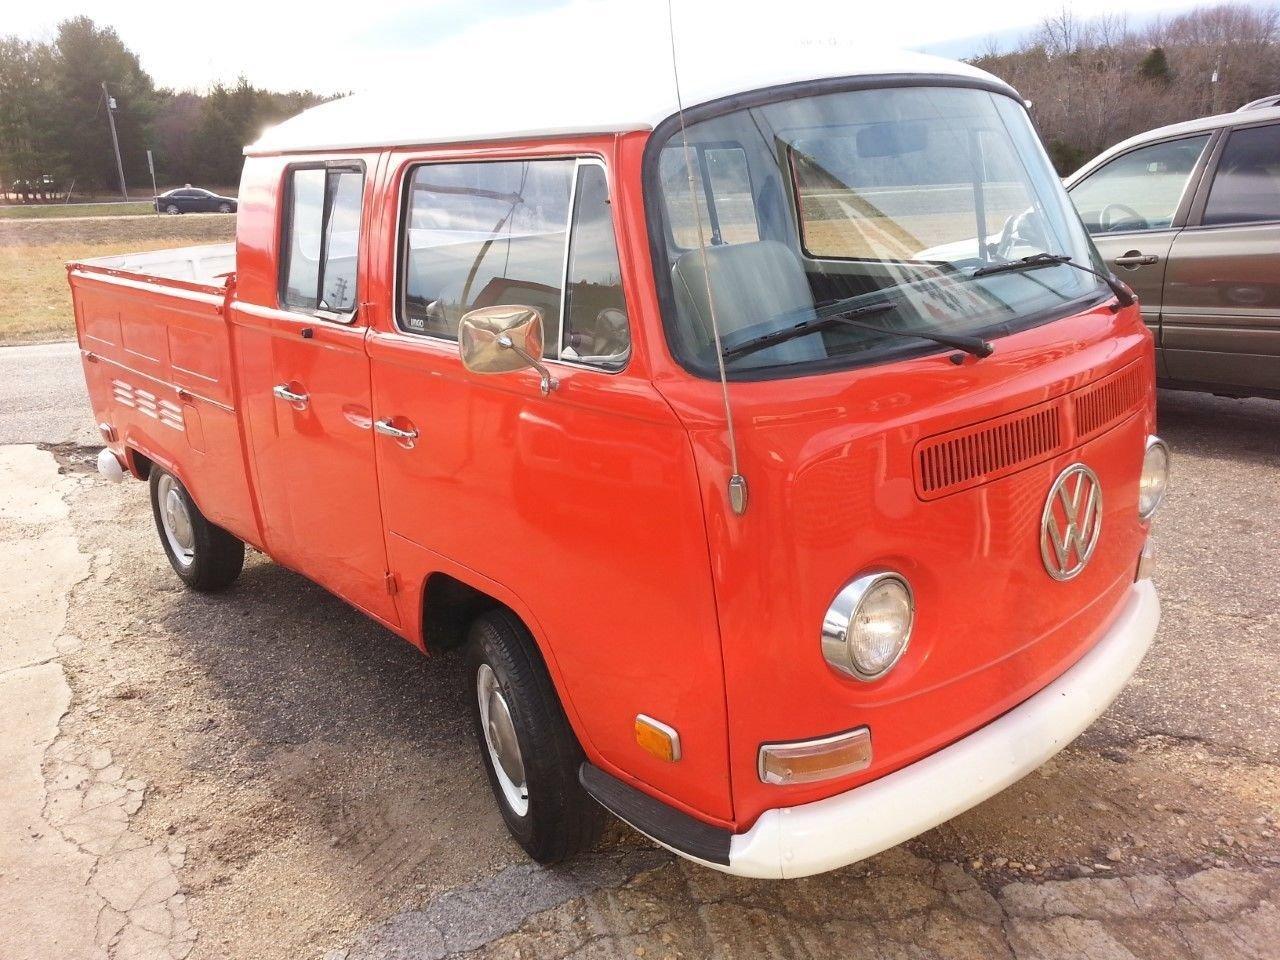 1971 Volkswagen Crew Cab Pick-Up Truck